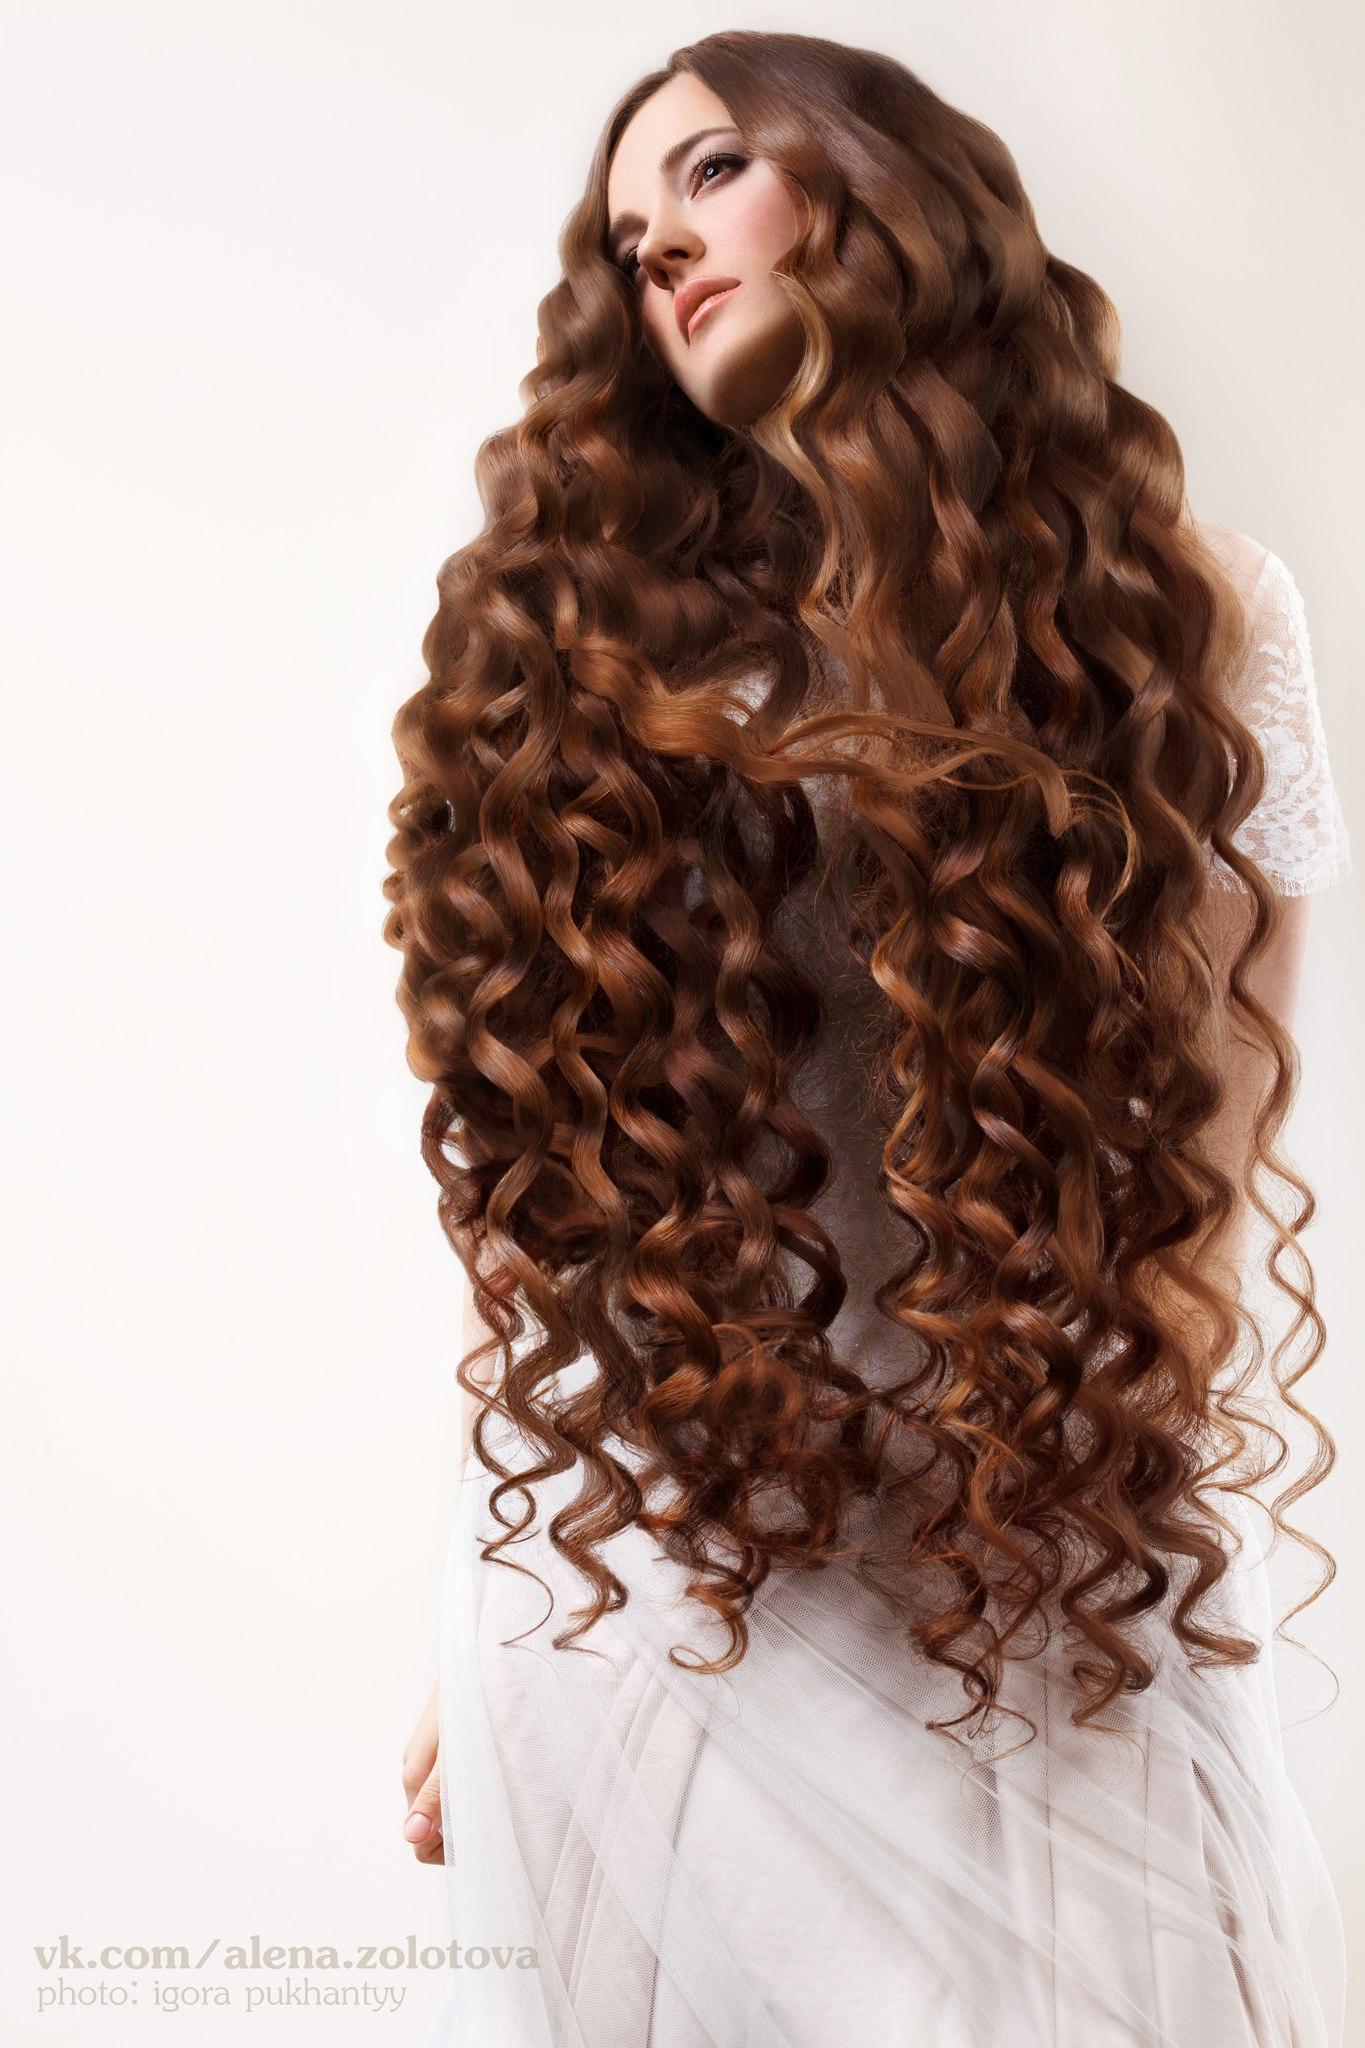 Как сделать чтобы волосы выросли за неделю на 20 см